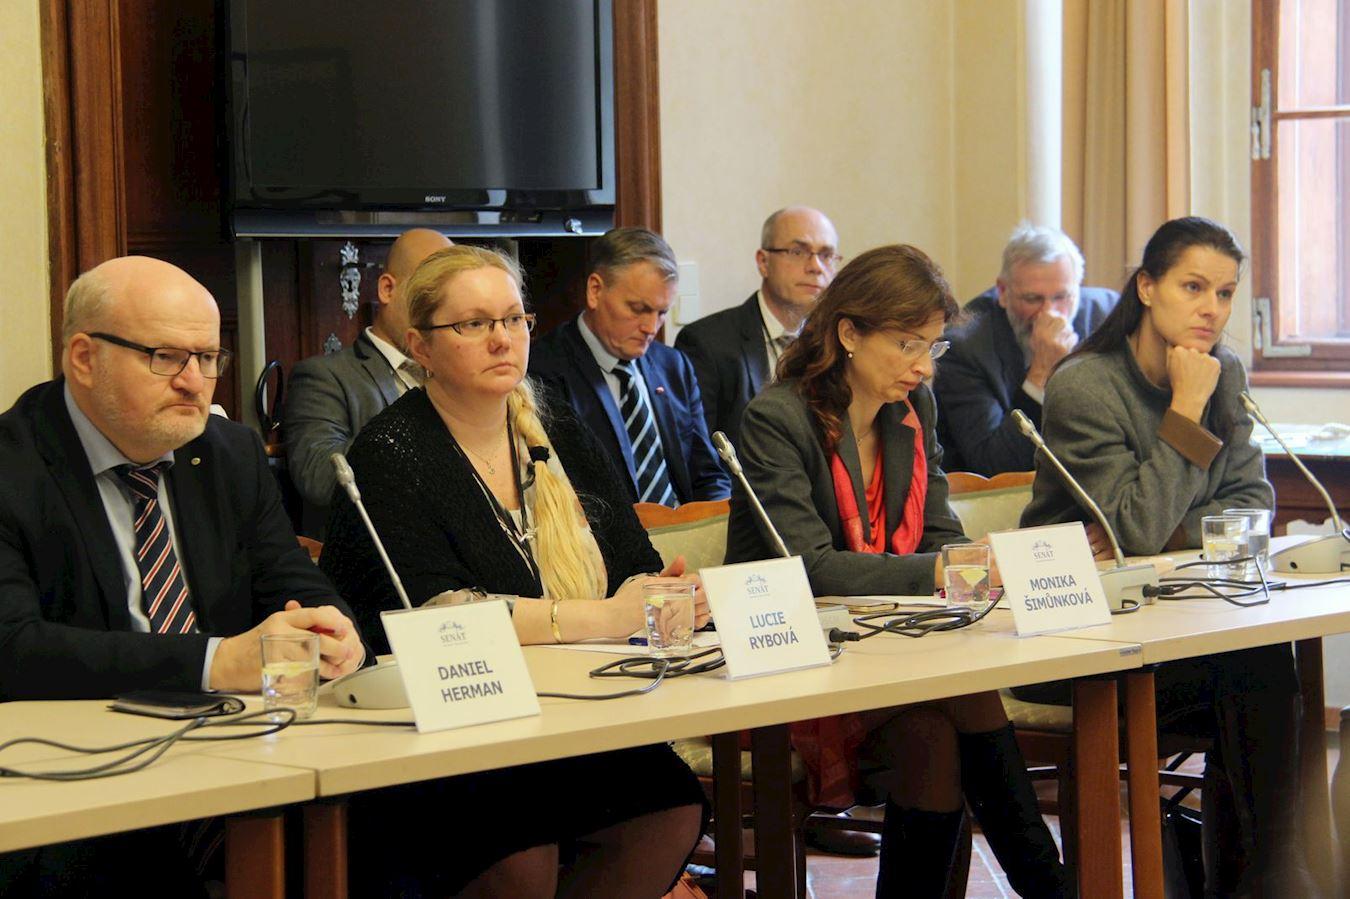 2018年11月19日,捷克參議院舉行聽證會,呼籲中共停止迫害法輪功。前排左起:捷克前文化部長丹尼爾·赫爾曼,捷克赫爾辛基委員會成員露西·麗勃娃和莫妮卡·史姆恩考娃及記者卡特史娜·普羅哈茲考娃。(明慧網)